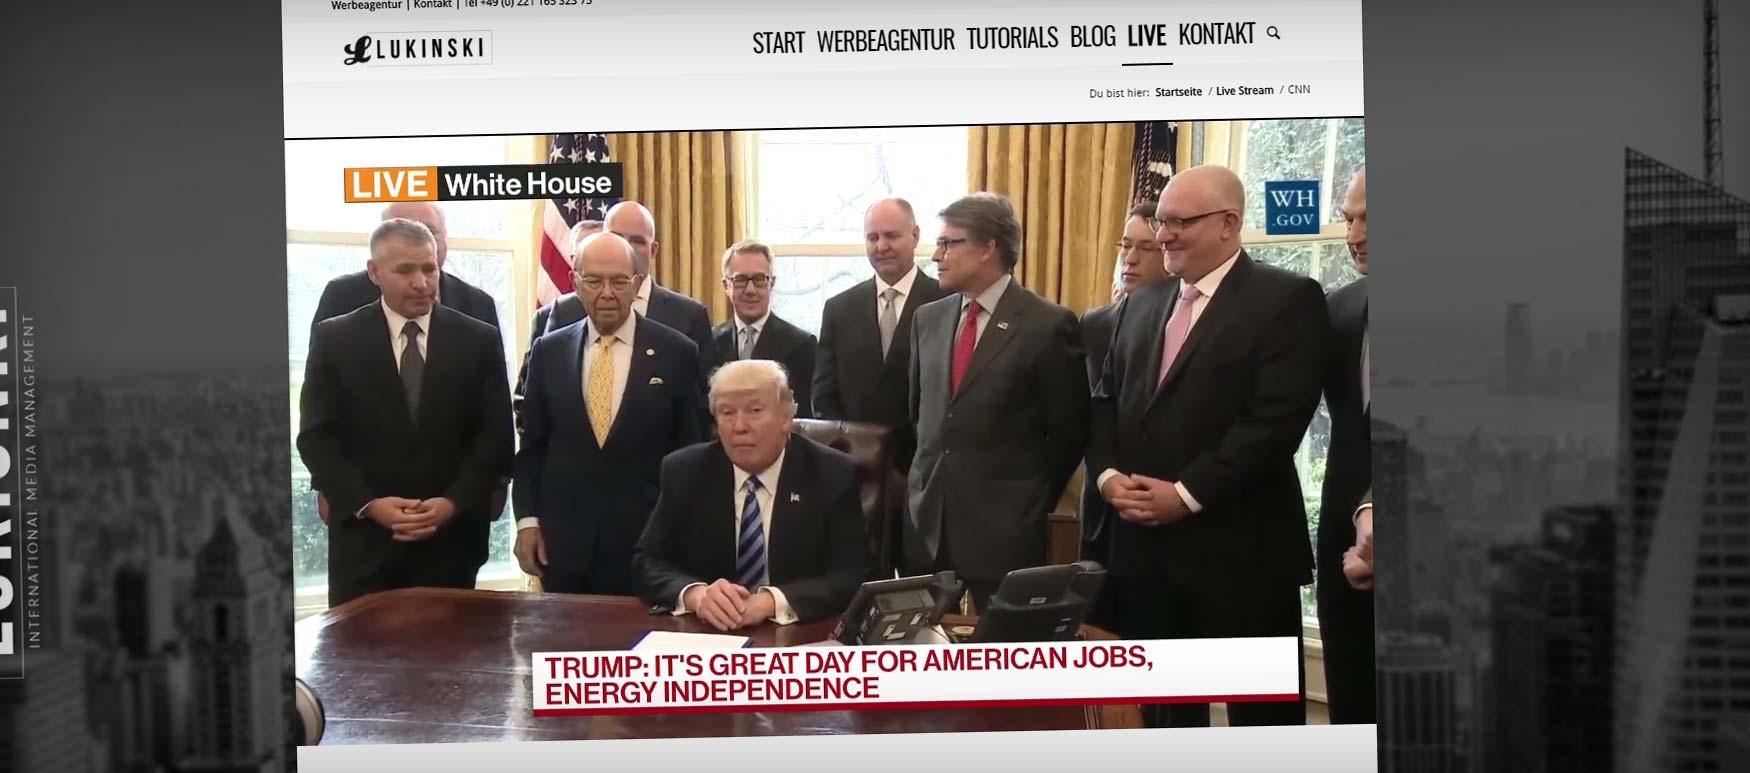 Live Stream | News, Politik, Wirtschaft & Medien: Jetzt bei Lukinski